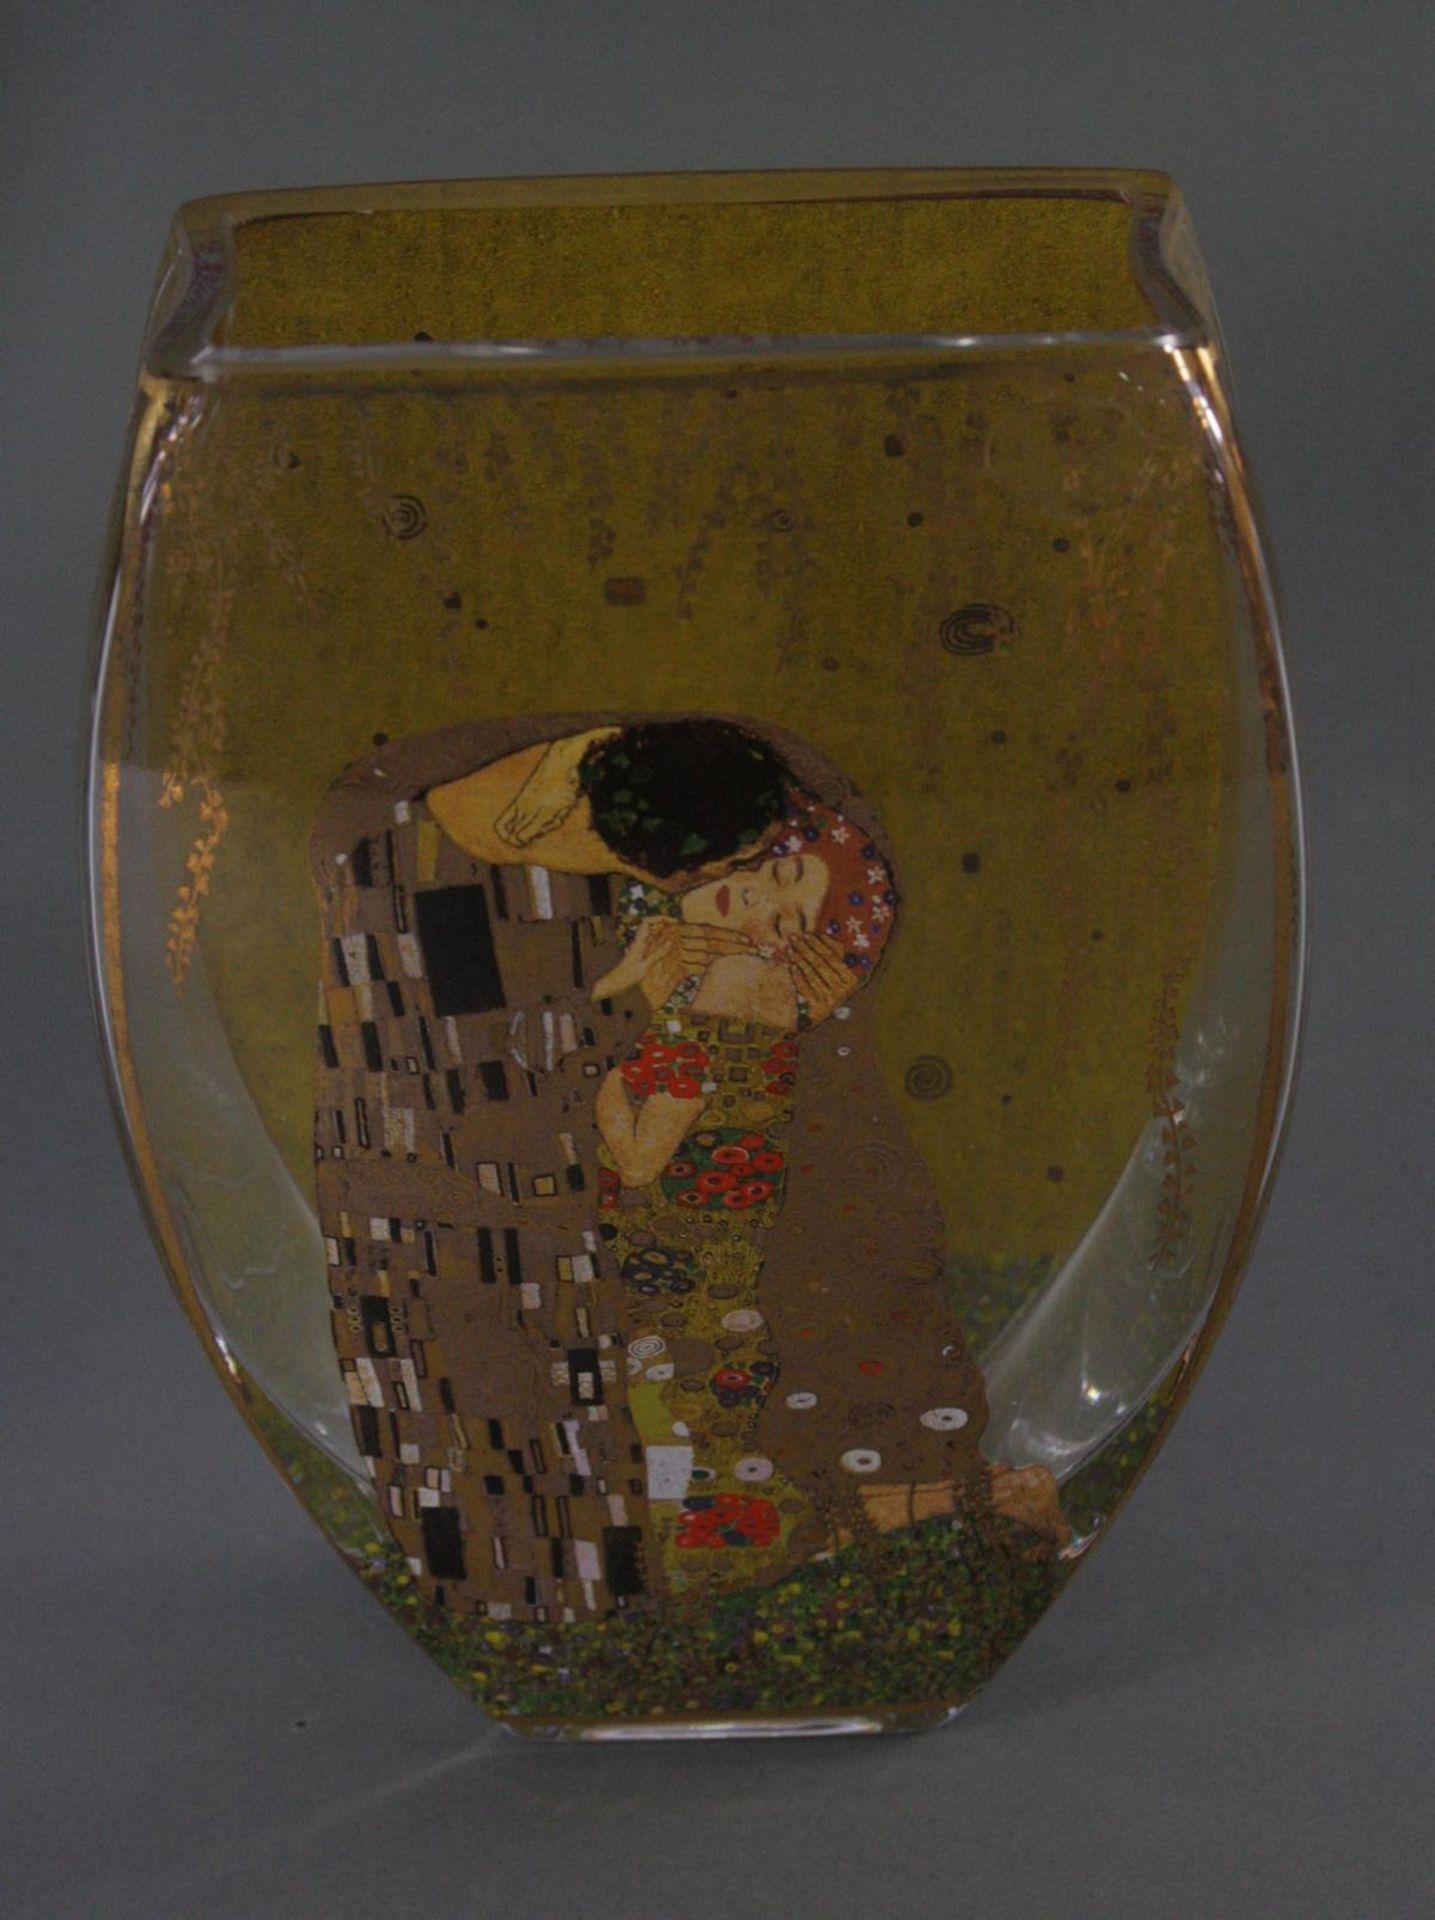 Zwei Goebel Artis Orbis Gustav Klimt Vasen. Porzellan und Glas - Bild 2 aus 7